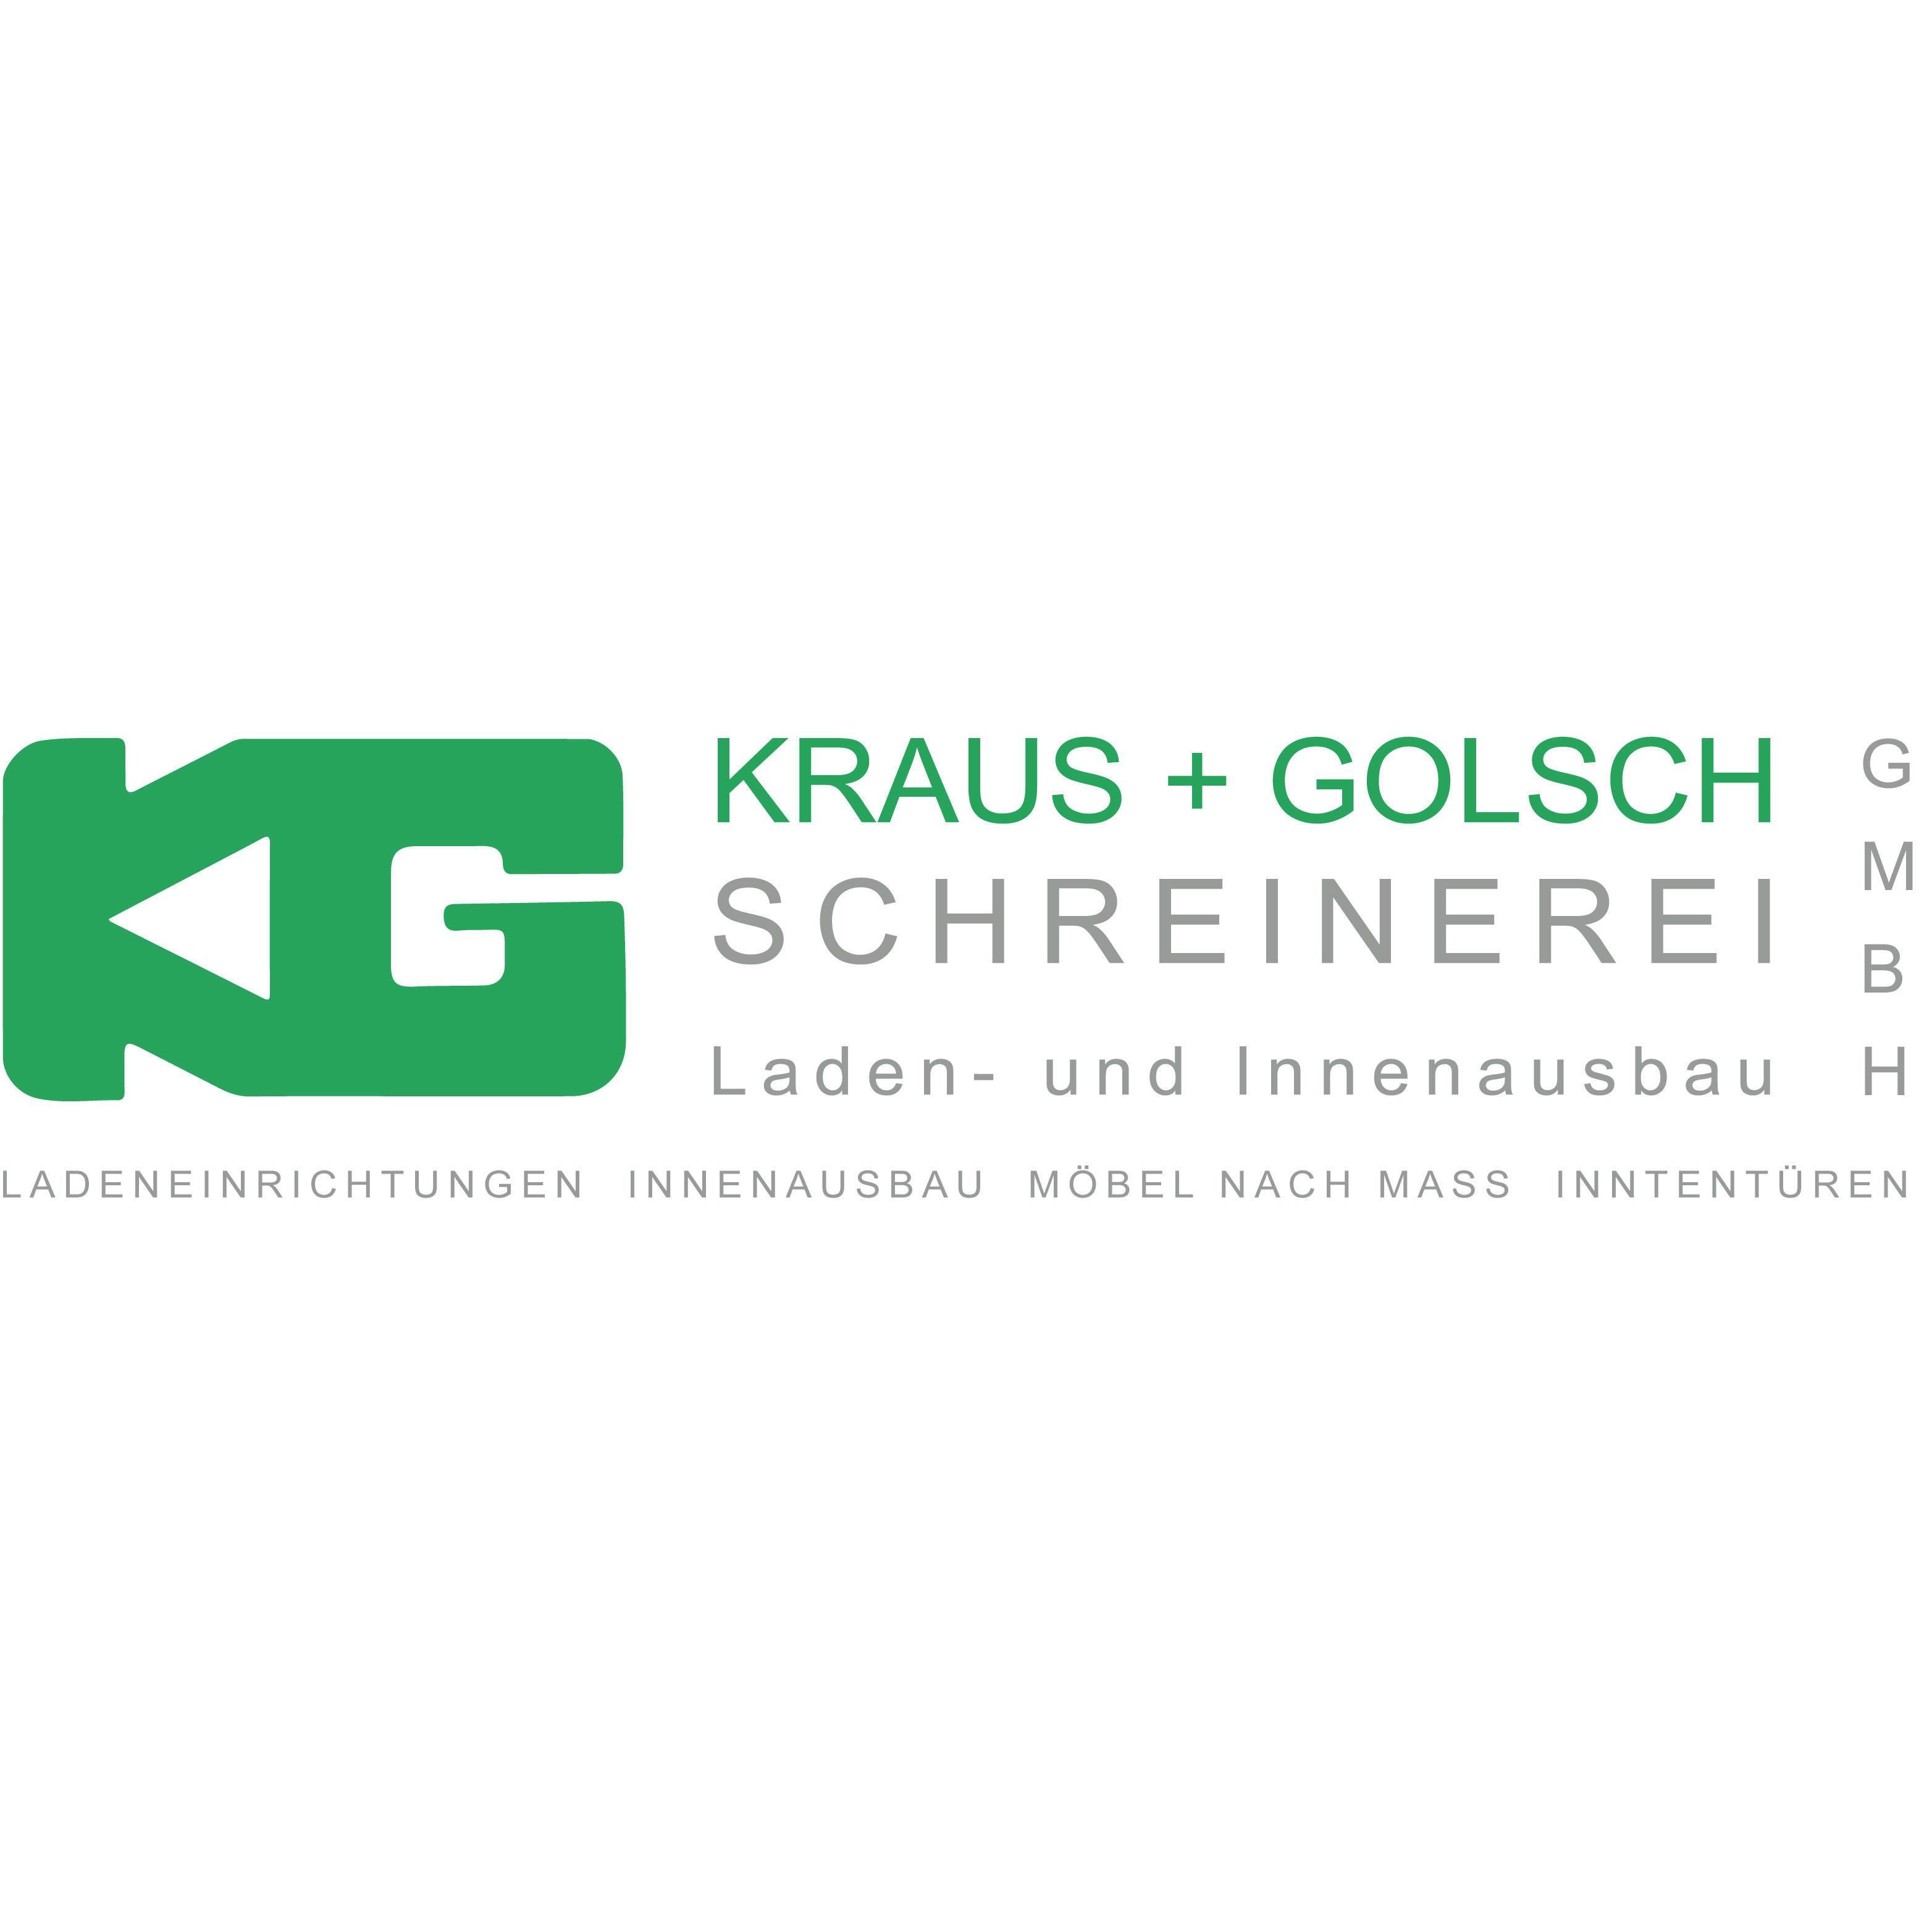 Bild zu Schreinerei KRAUS + GOLSCH Laden- und Innenausbau GmbH in Erlangen